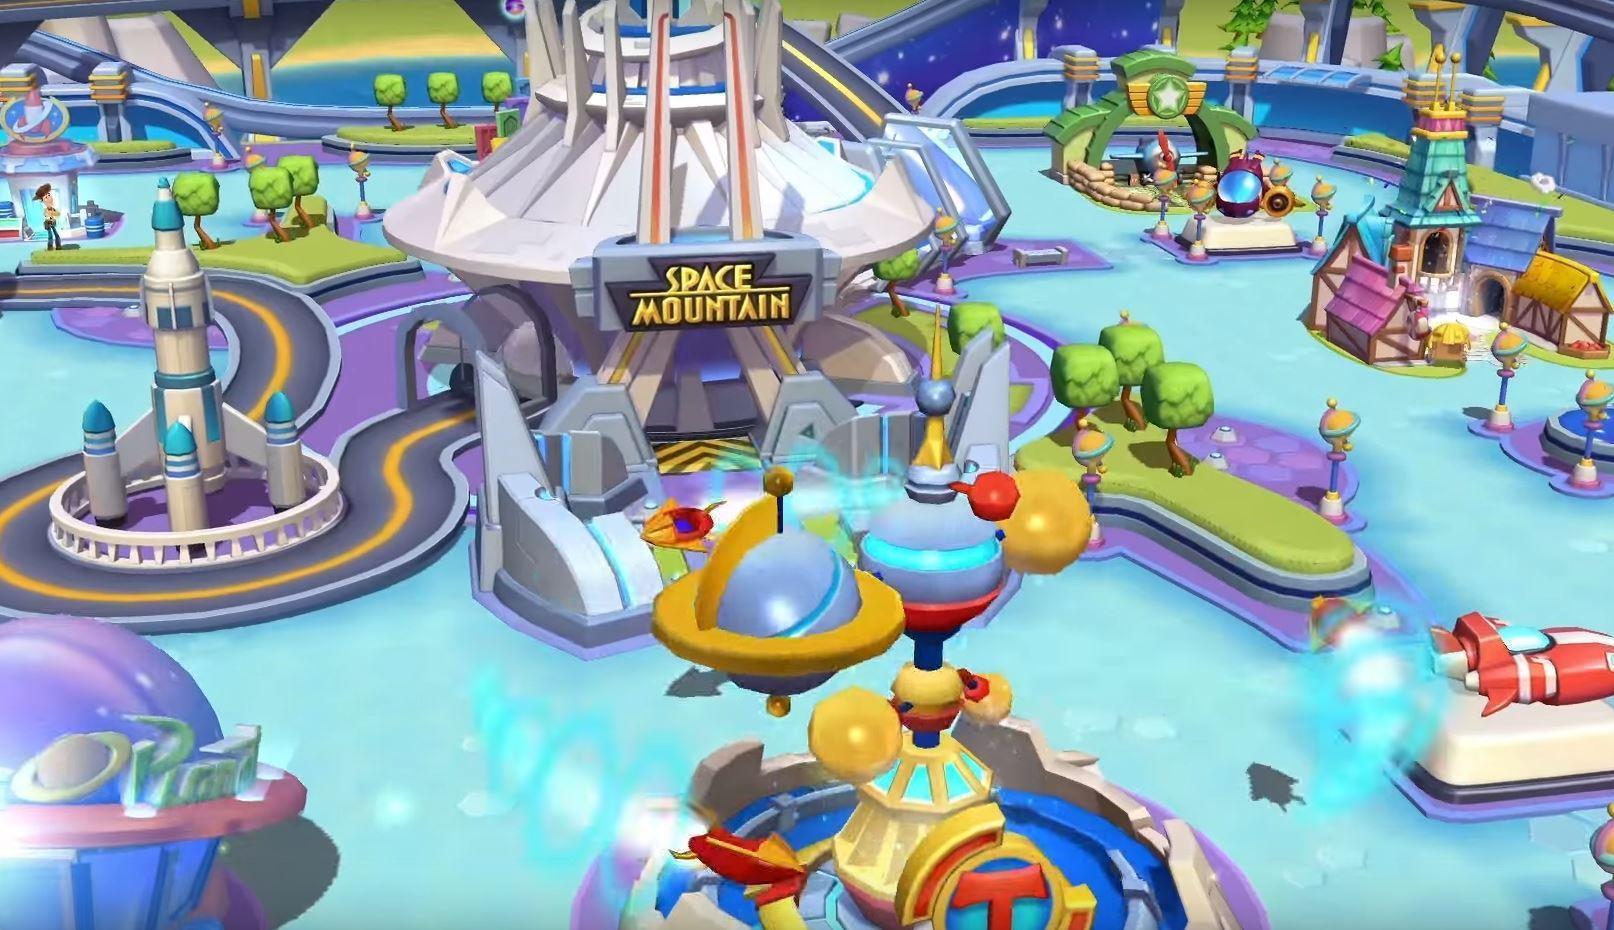 Les Meilleurs Jeux Pour Smartphones Et Tablettes Android concernant Jeux Enfant 3 Ans Gratuit